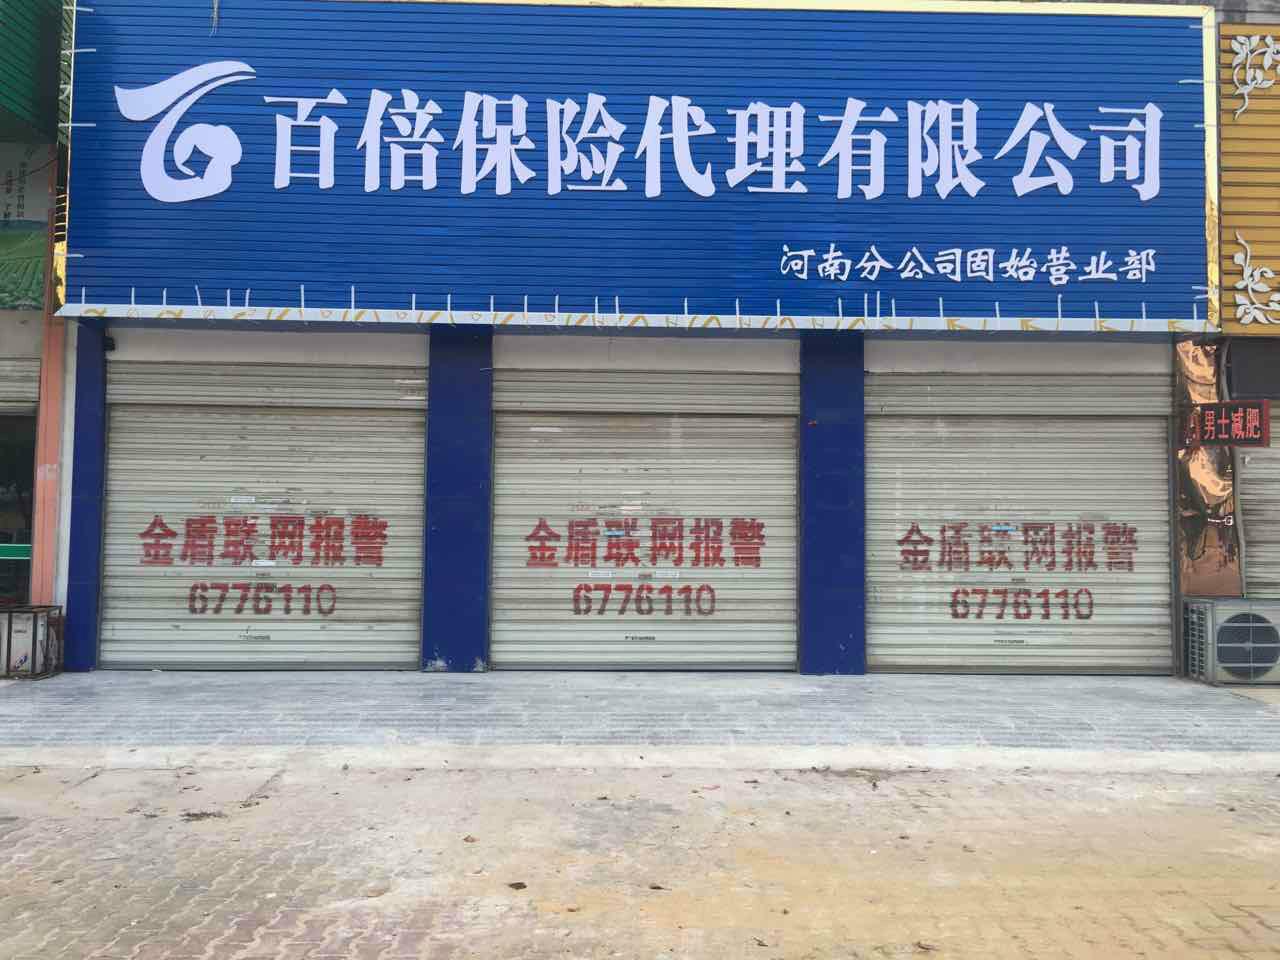 保险代理公司账务处理问题   会计实务   中国会计社区